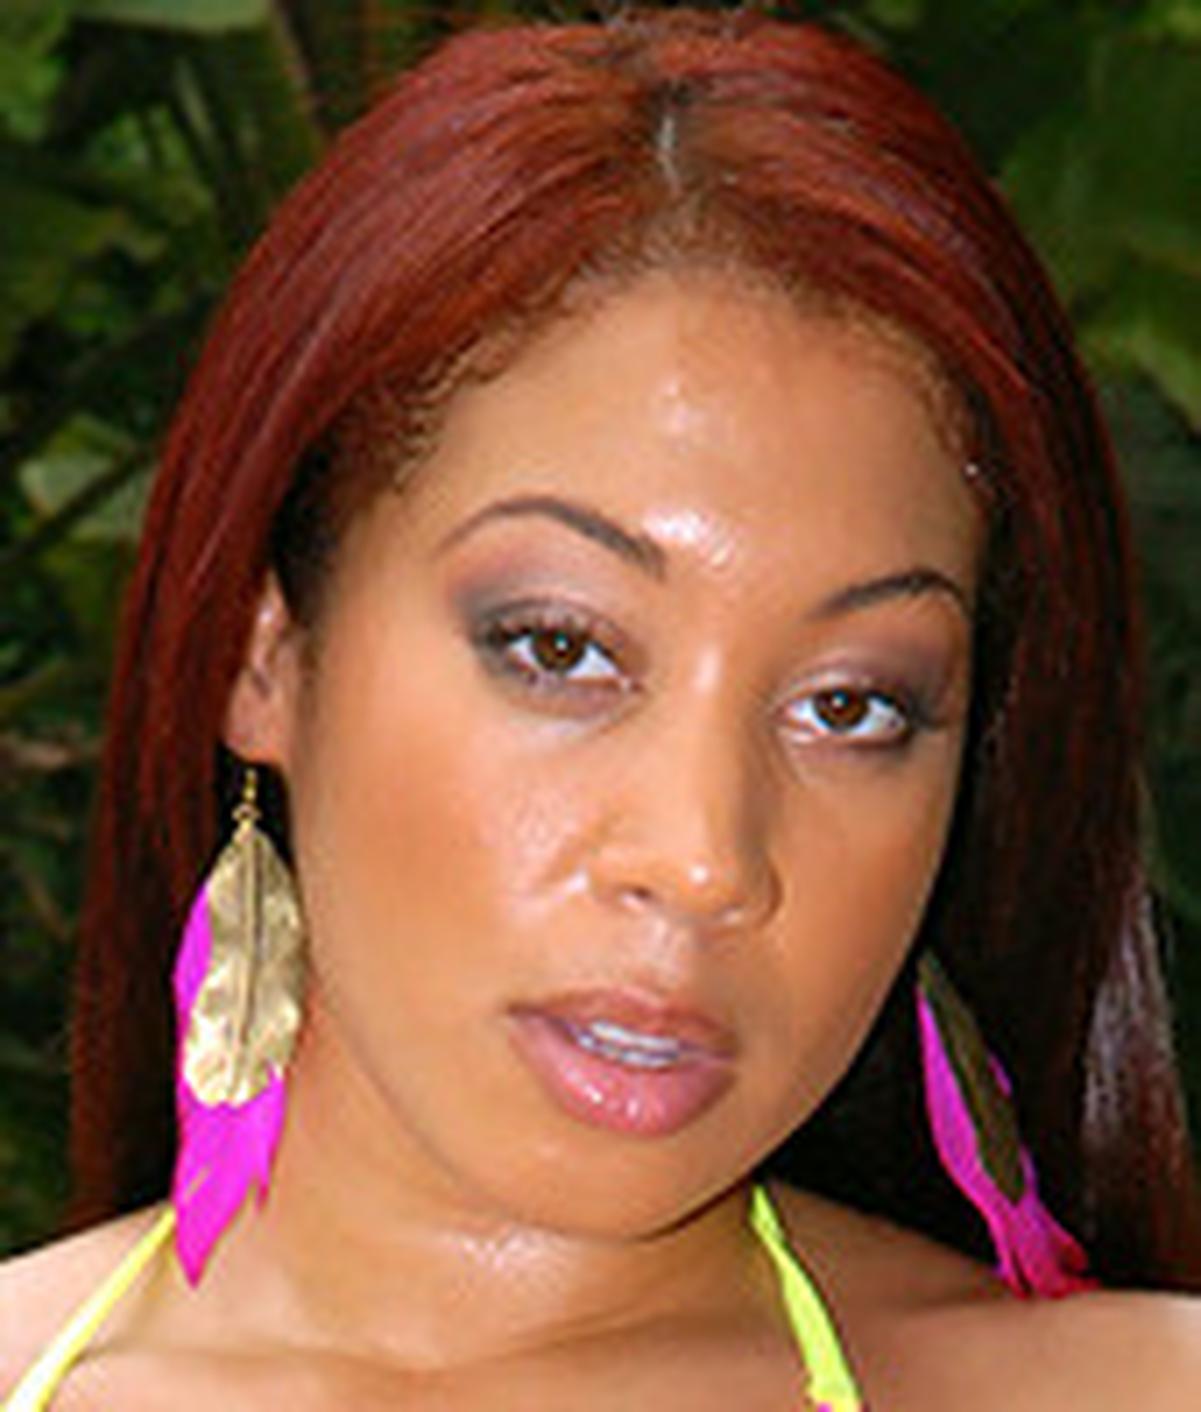 Kaylee Kisses